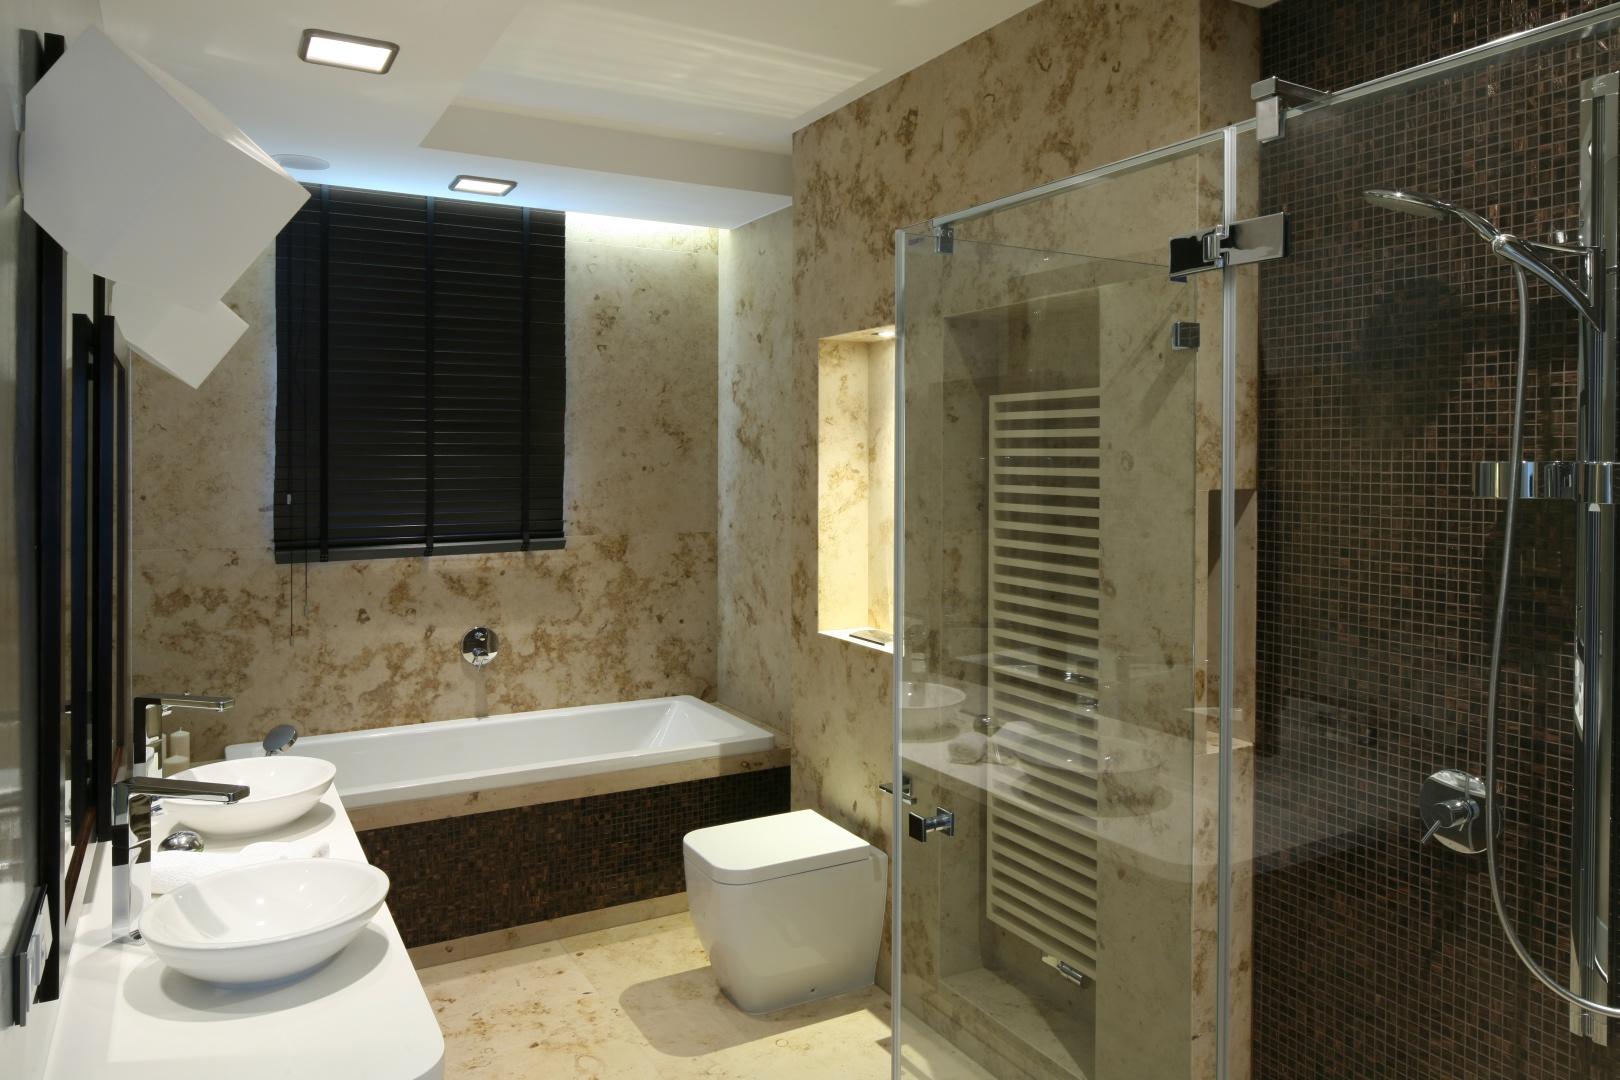 Płytkami kamiennymi wykończono niemal całą łazienkę. Beżowy kamień z charakterystycznym, dekoracyjnym wzorem pięknie koresponduje z brązową mozaika, która akcentuje strefy kąpielowe. Projekt: Katarzyna Koszałka. Fot. Bartosz Jarosz.